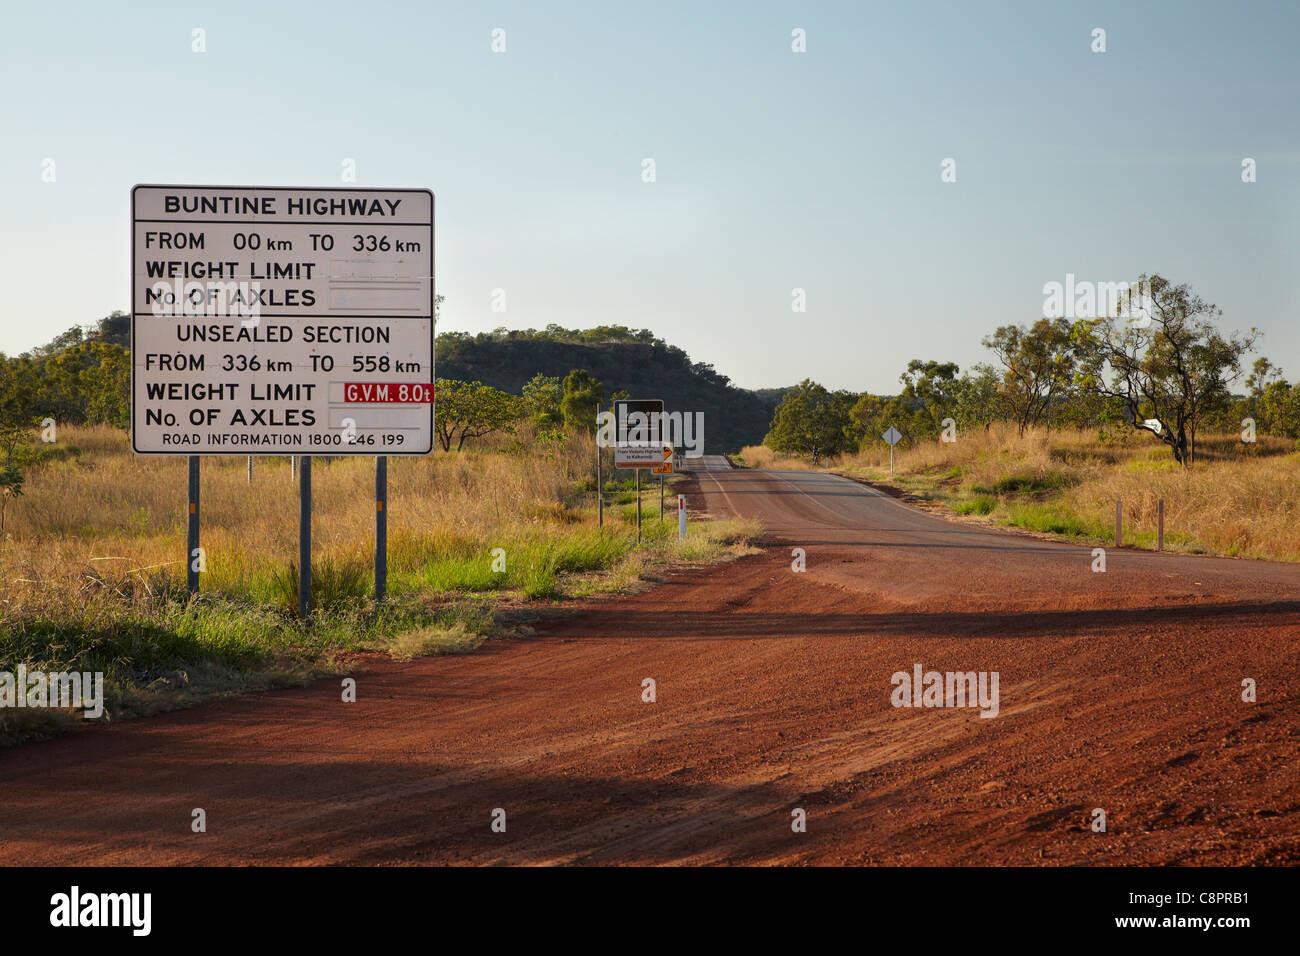 Resultado de imagen de Buntine australia